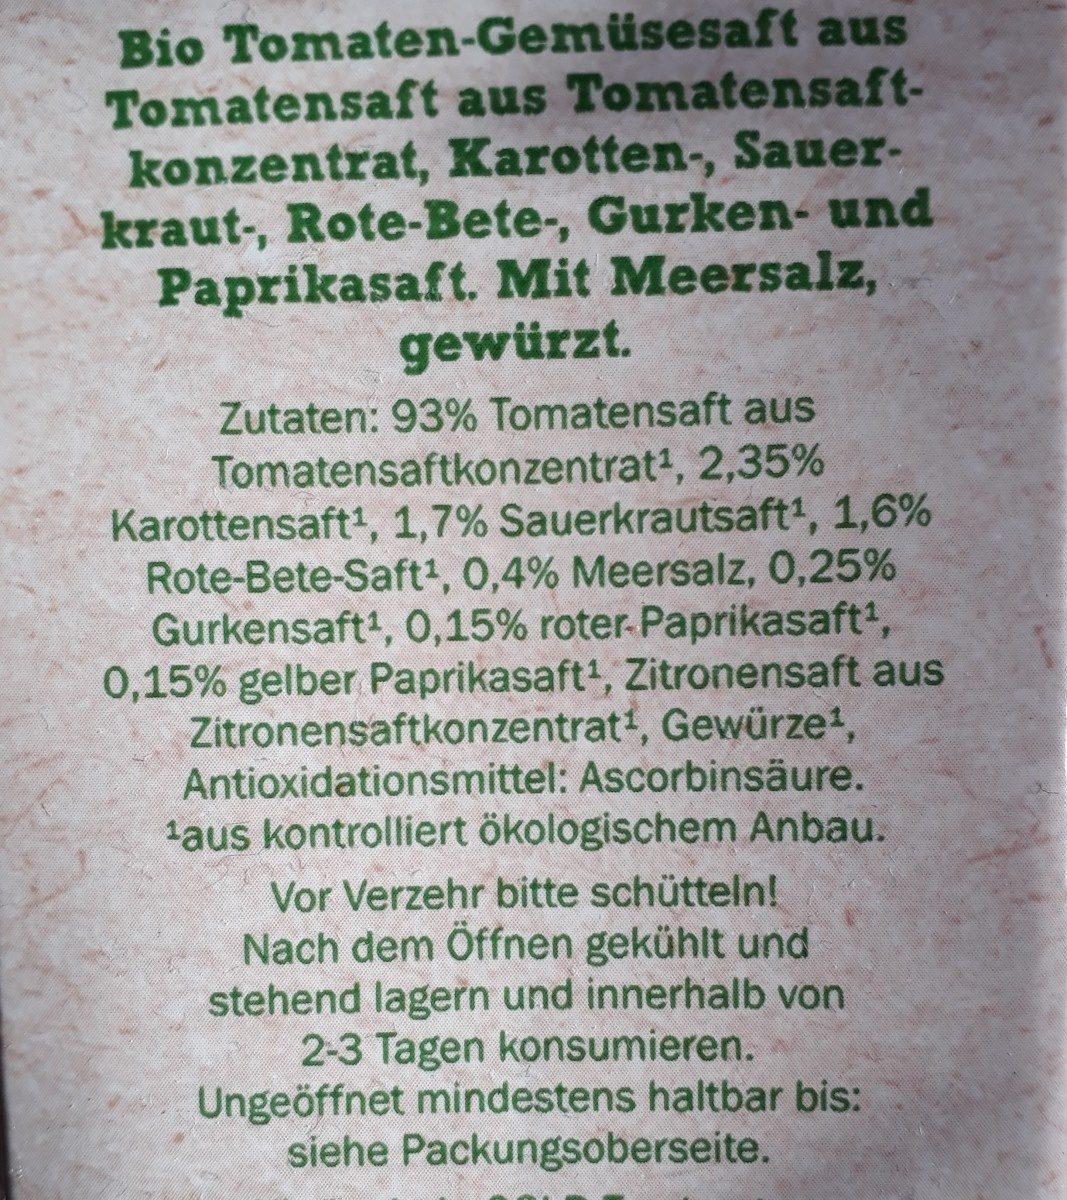 Bio Organic Tomaten-gemüse Saft - Ingrédients - fr